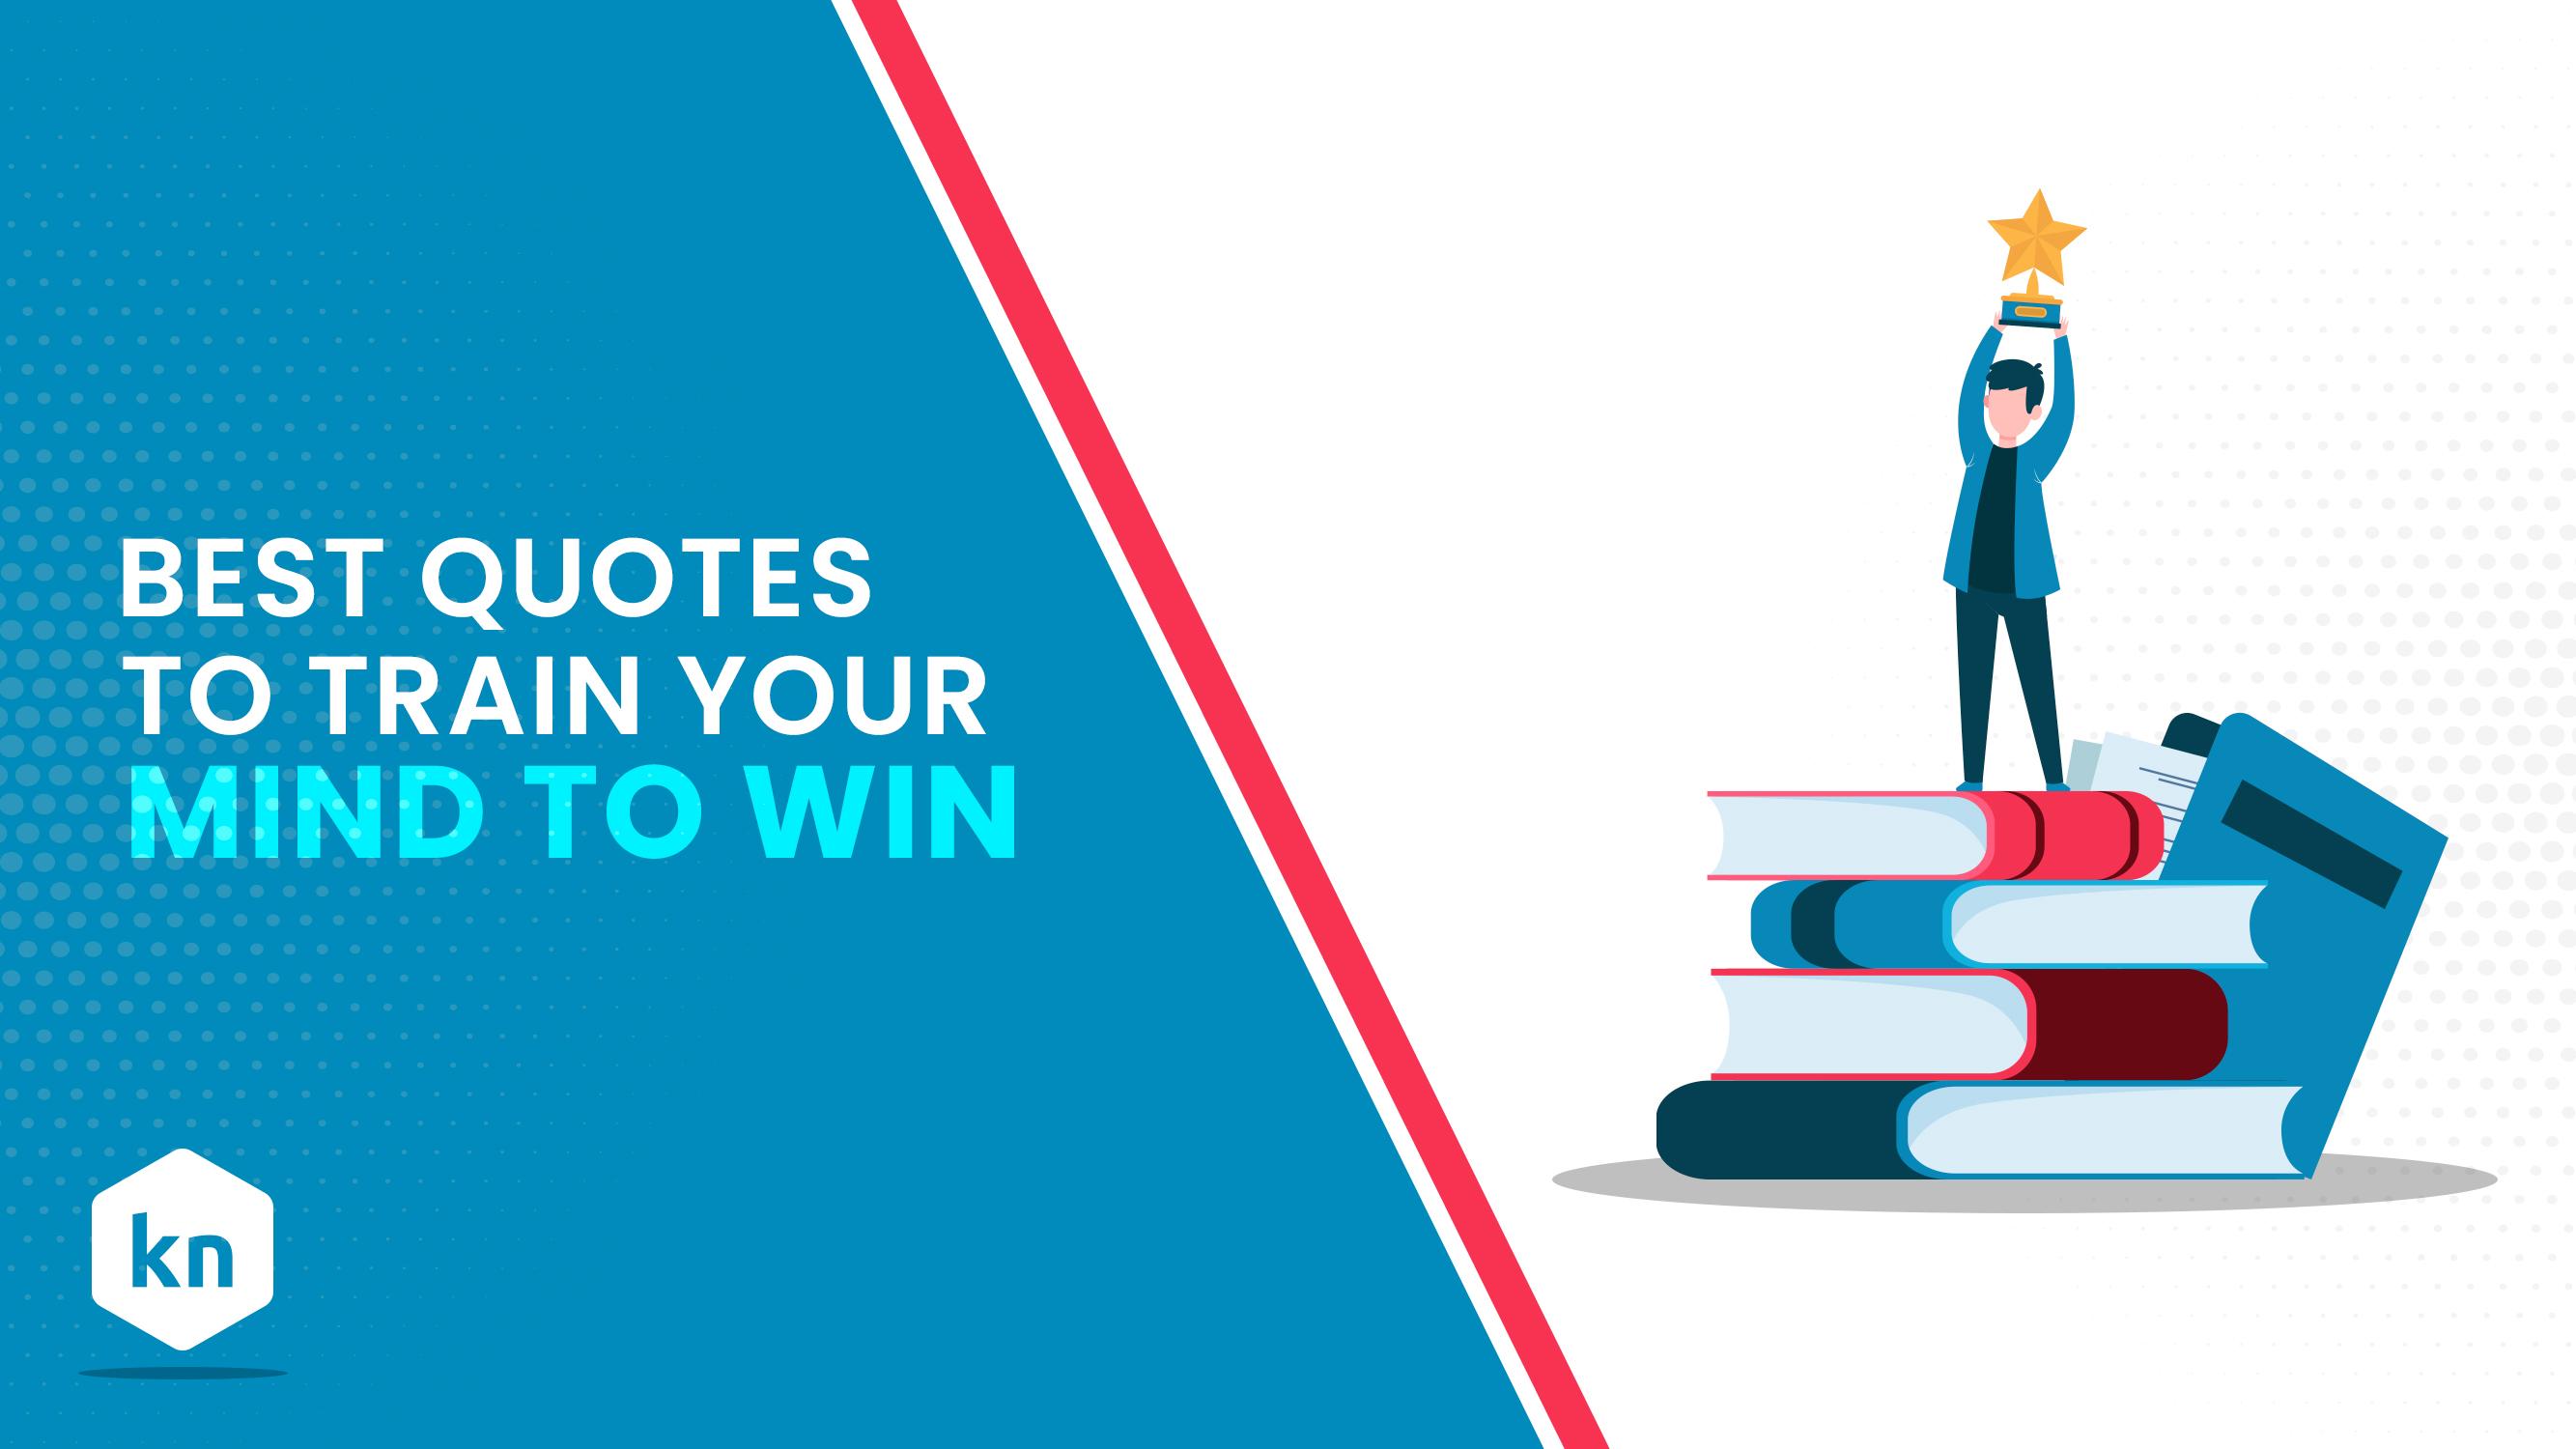 Las mejores frases para entrenar tu mente para ganar